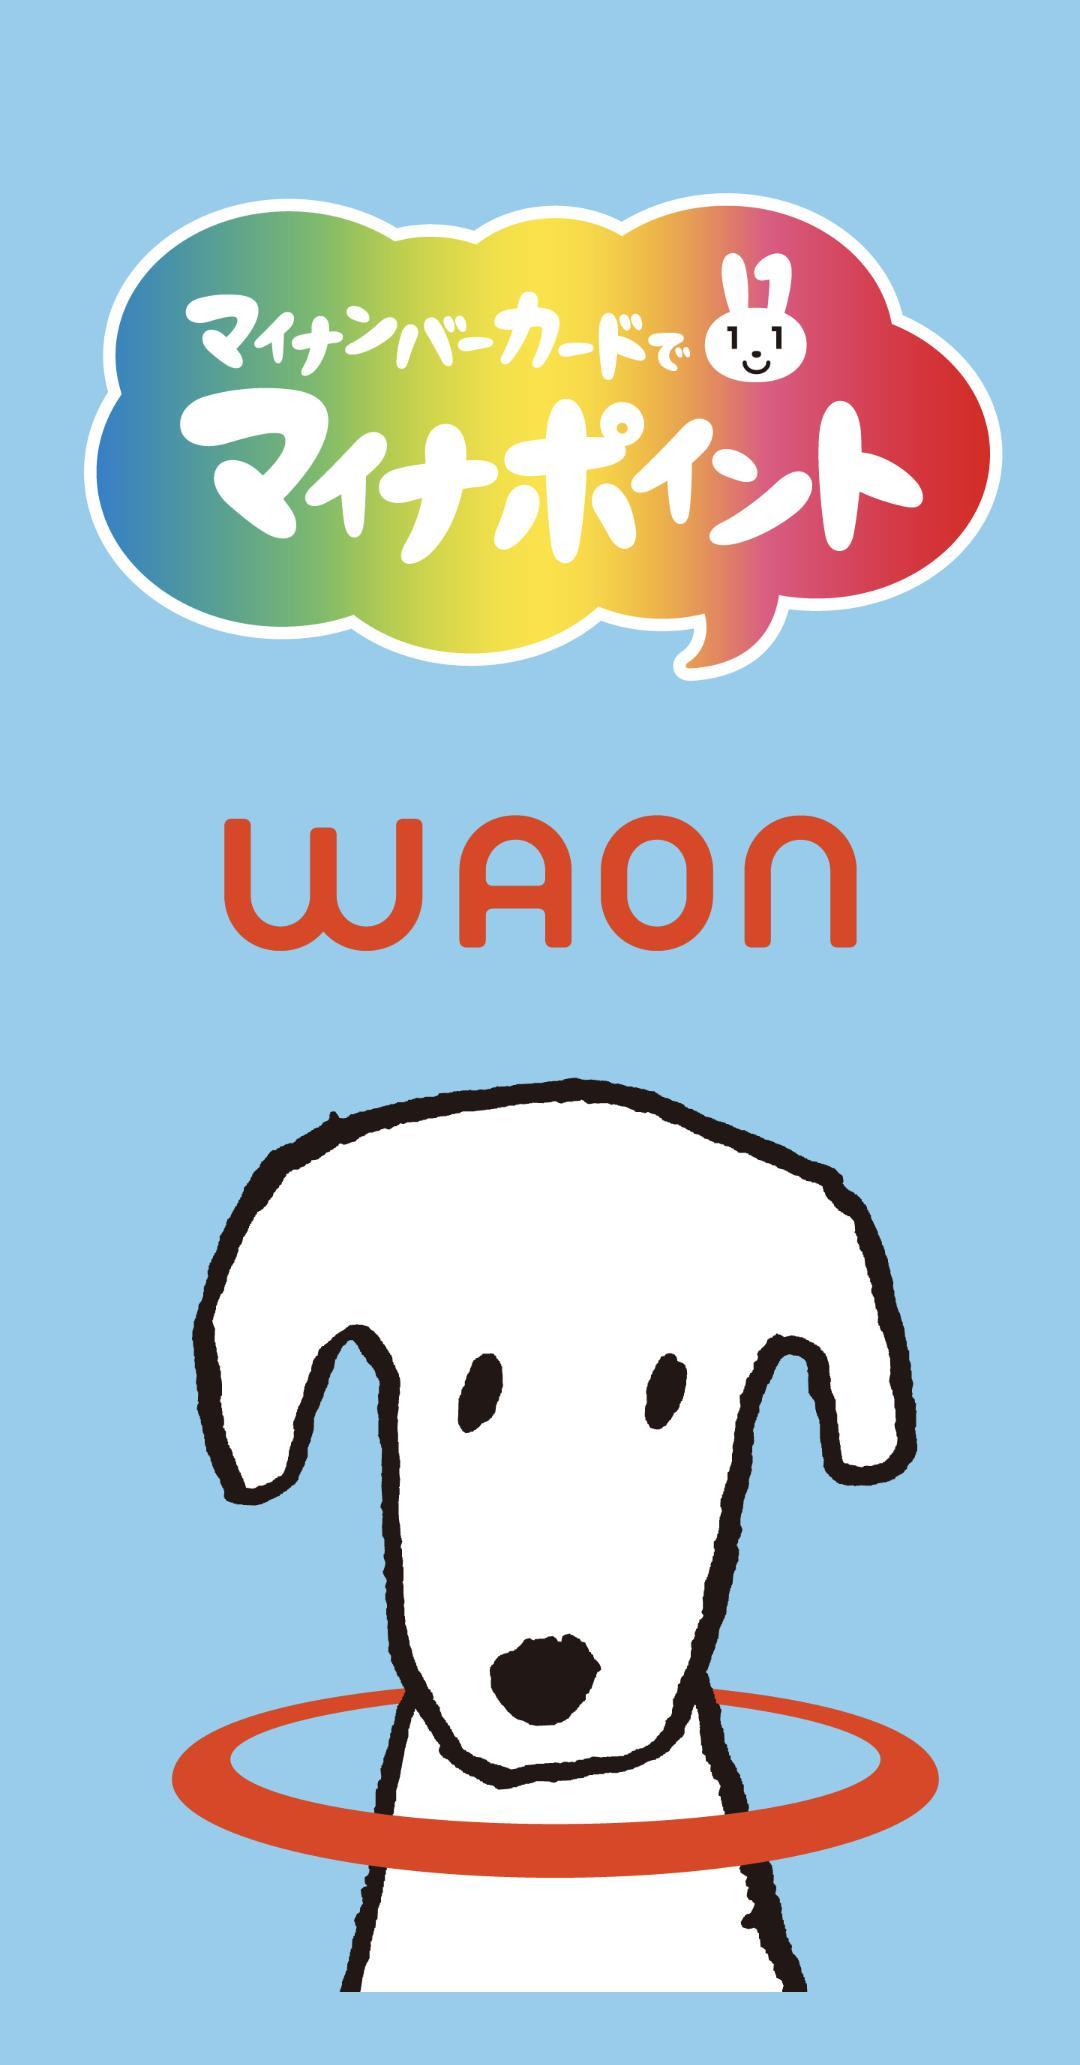 Waon チャージ ポイント マイナ 「マイナポイント事業」検討したら老親向きおすすめは「WAON(ワオン)」一択だった